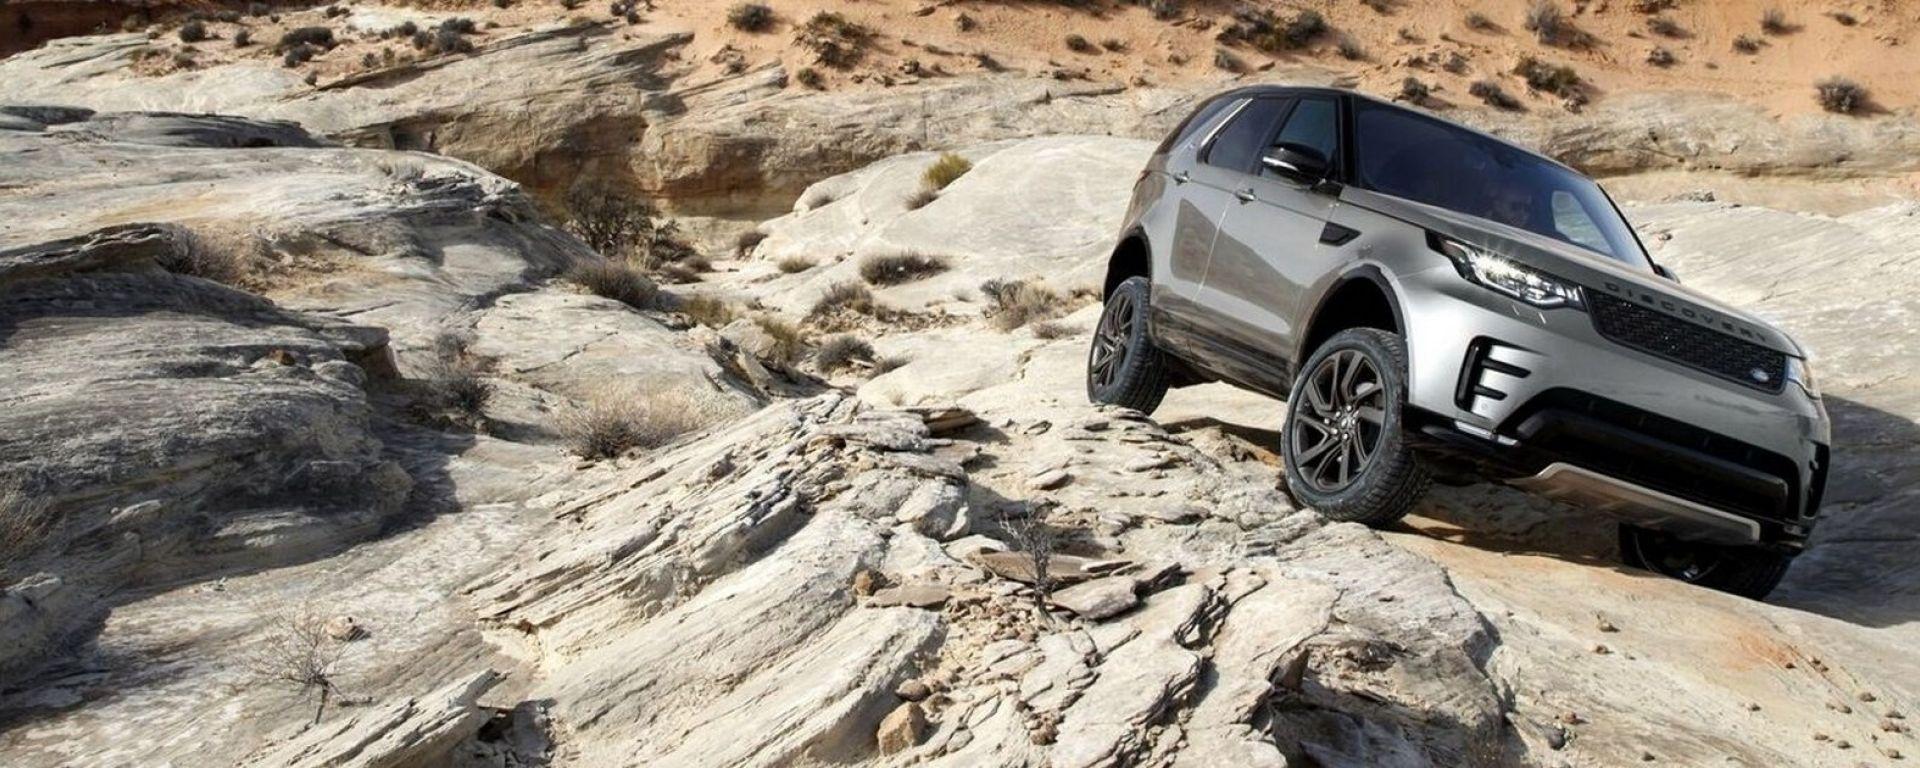 Guida autonoma in off-road, la sfida di Jaguar Land Rover